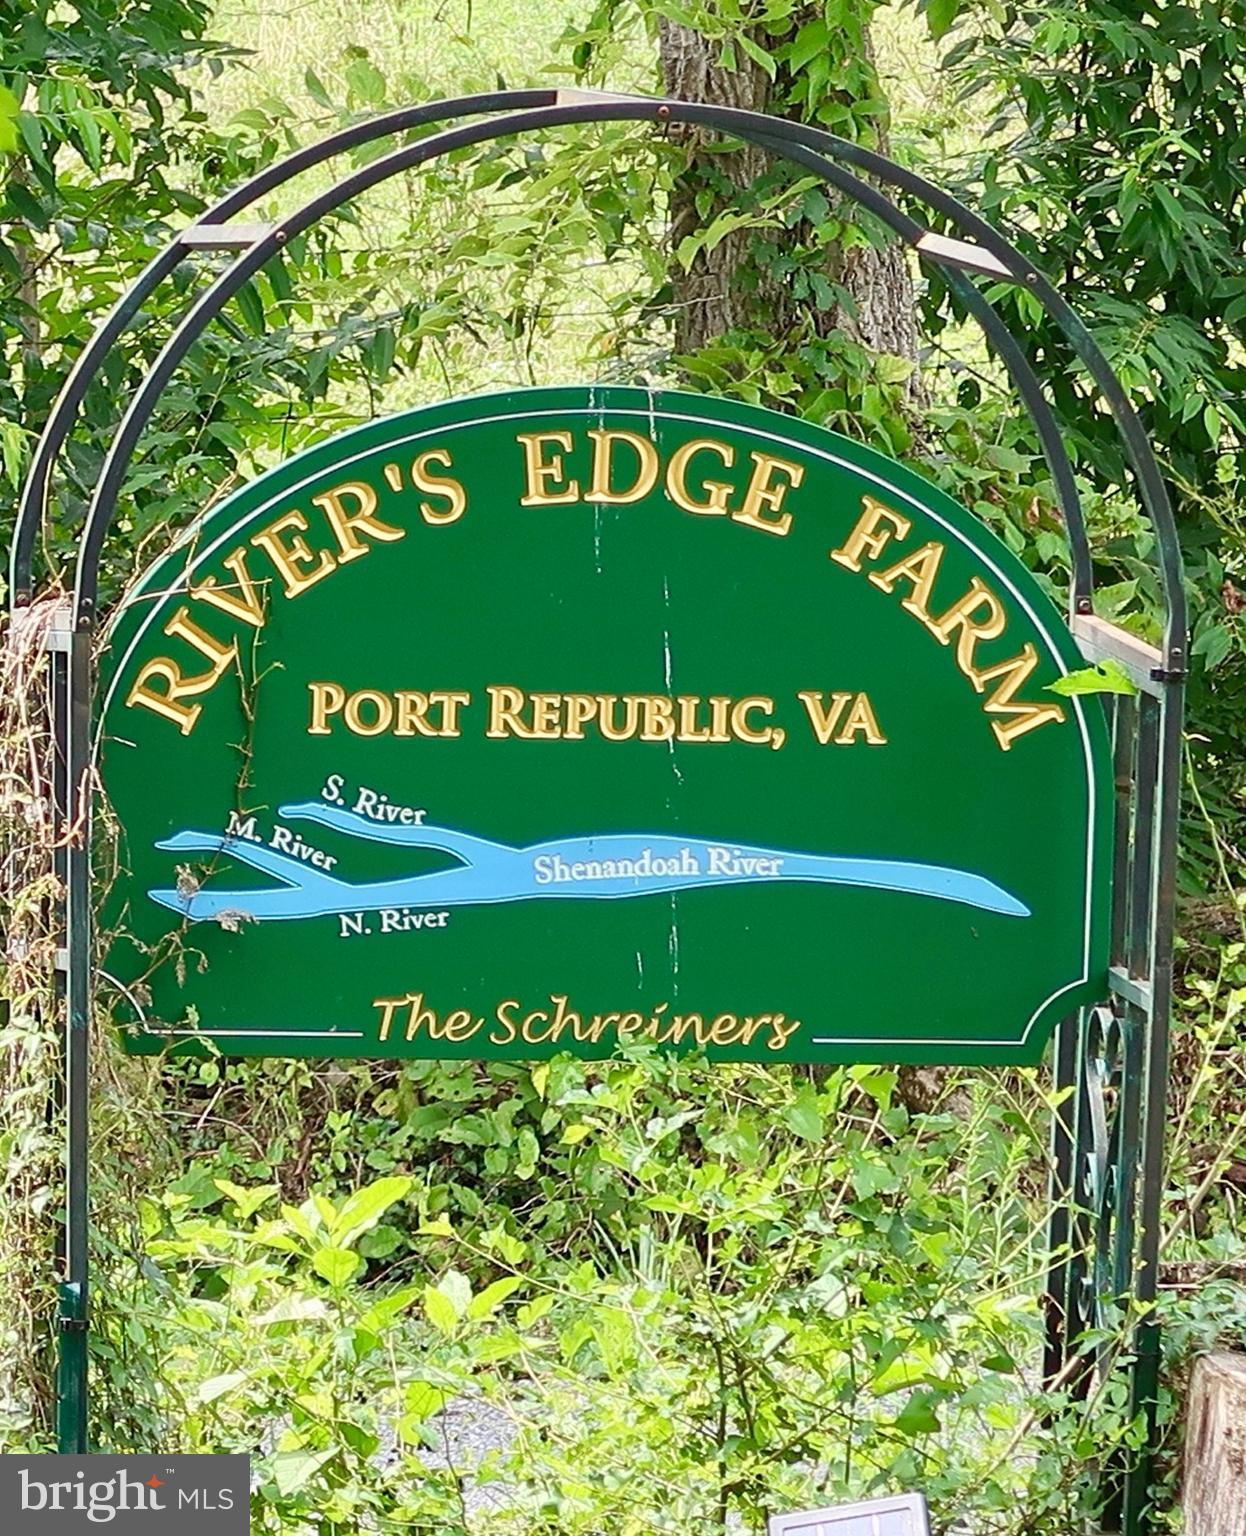 7115 TIGER CAMP ROAD, PORT REPUBLIC, VA 24471